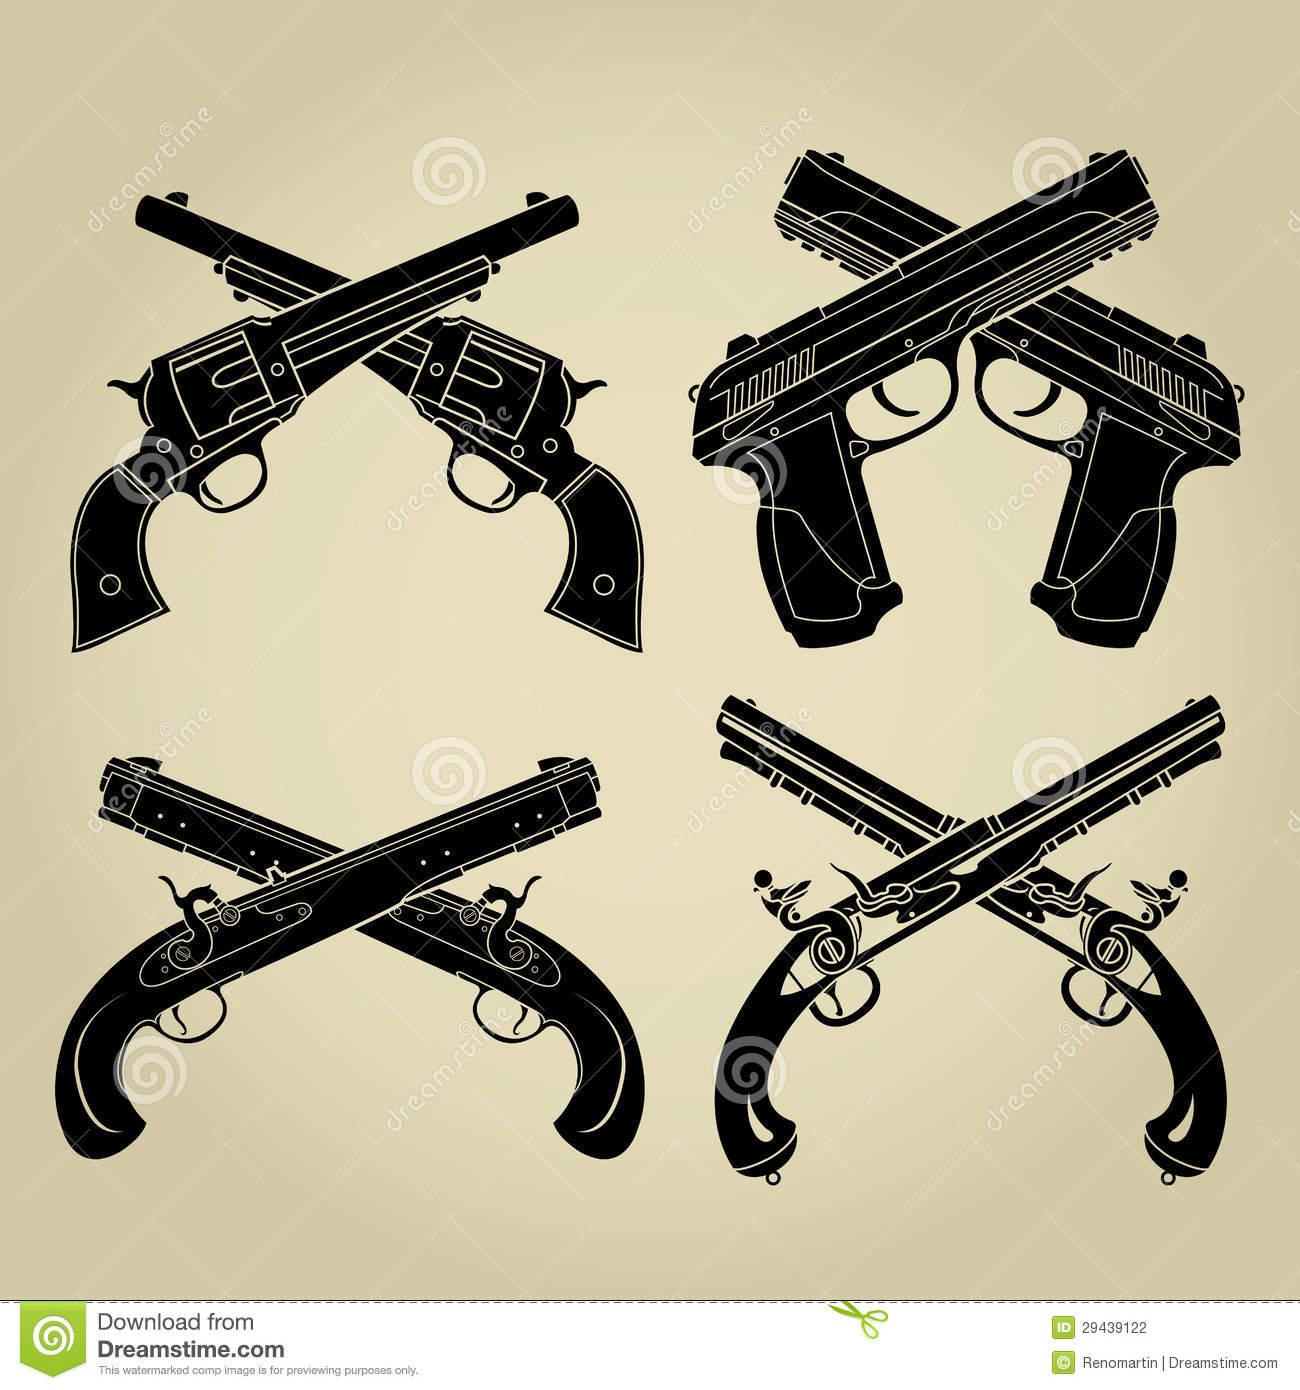 Armas De Fogo Ilustrações De Stock – 135 Armas De Fogo Ilustrações